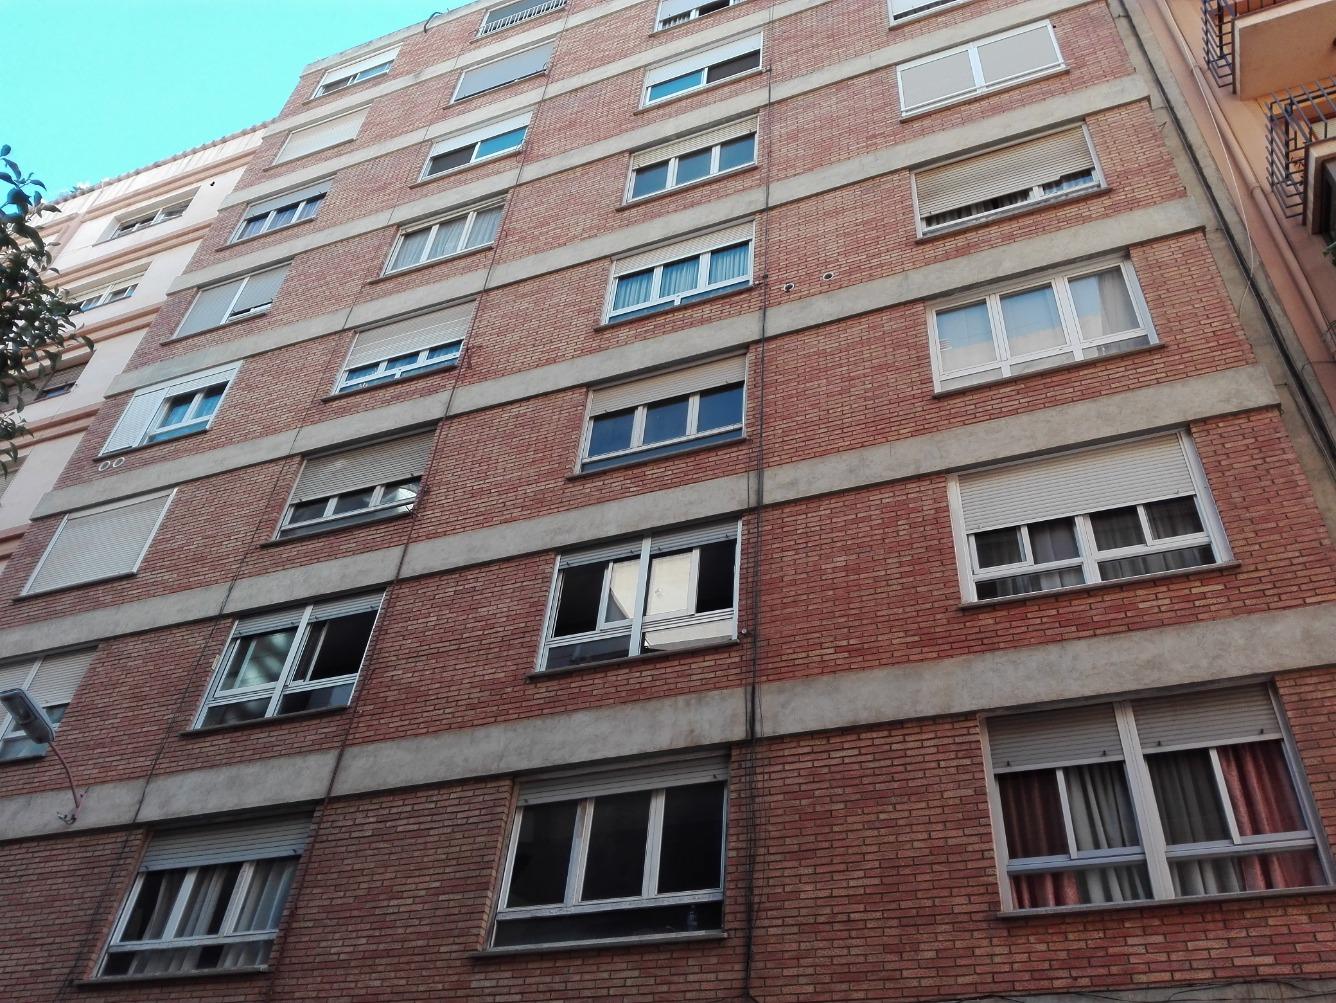 Piso en venta  en Calle MAESTRO VIVIES, Castellón de la Plana / Castelló de la Plana